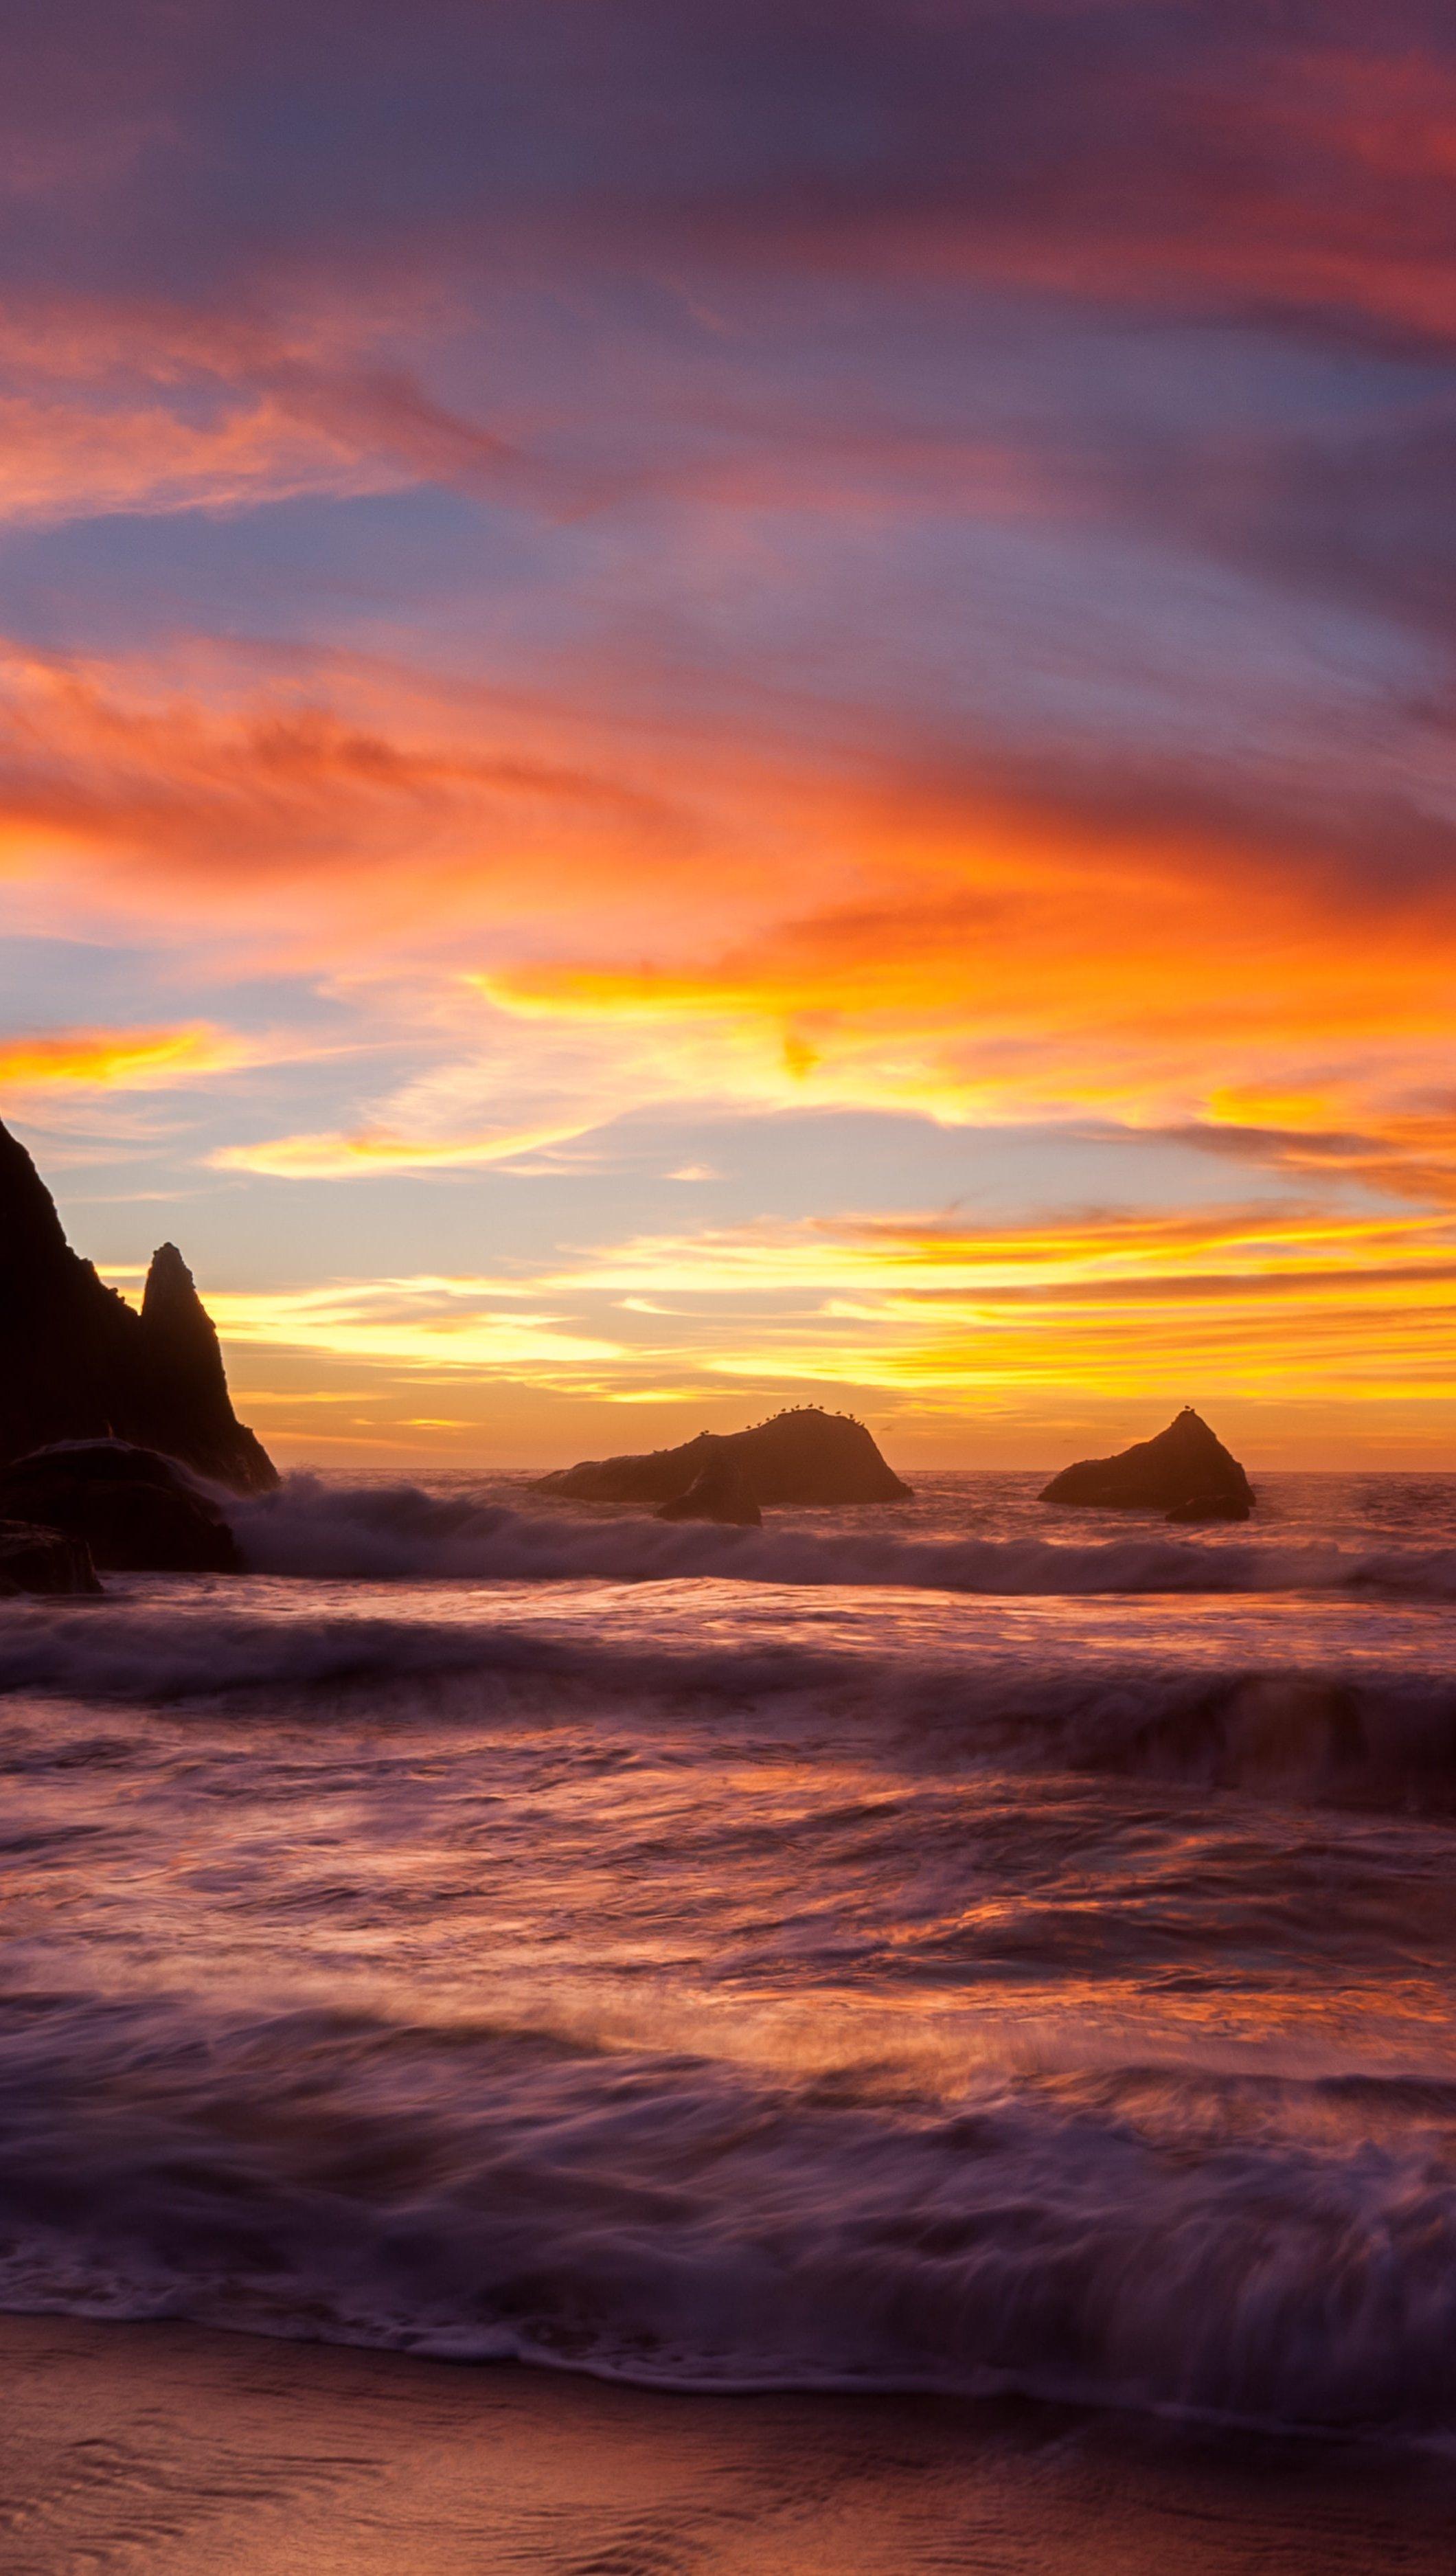 Wallpaper Beach at sunset Vertical